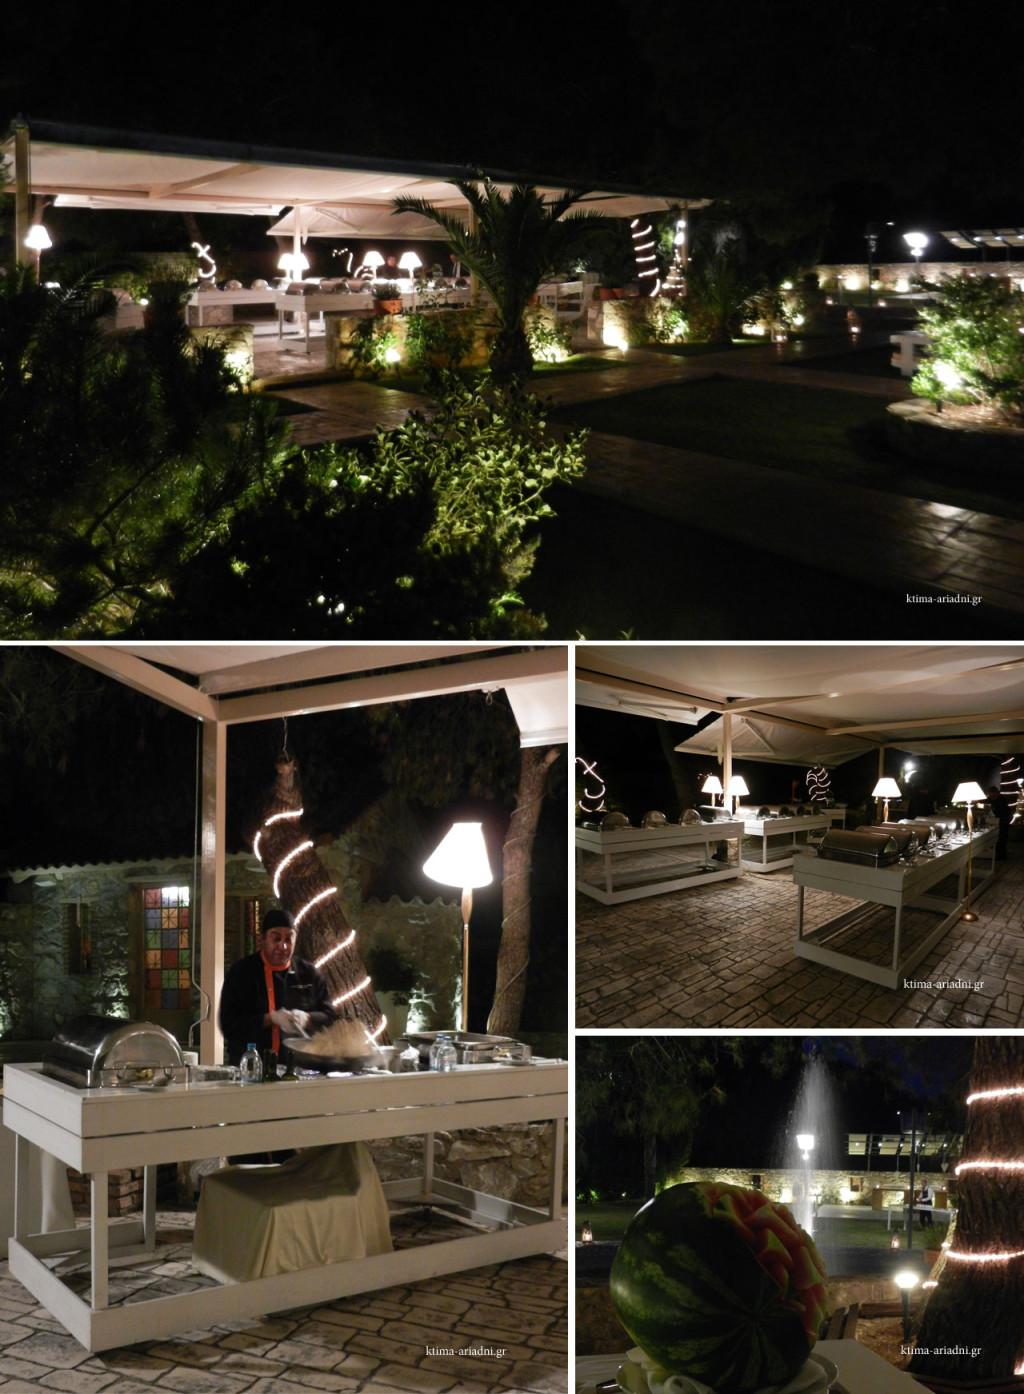 Ο Executive Chef Κώστας Καλαμούκης εν ώρα δημιουργίας, με φόντο το πέτρινο εκκλησάκι του Αγ. Γεωργίου. Ο φωτισμός του κήπου και το υγρό στοιχείο του συντριβανιού συμβάλουν στην θετική αύρα του σημείου